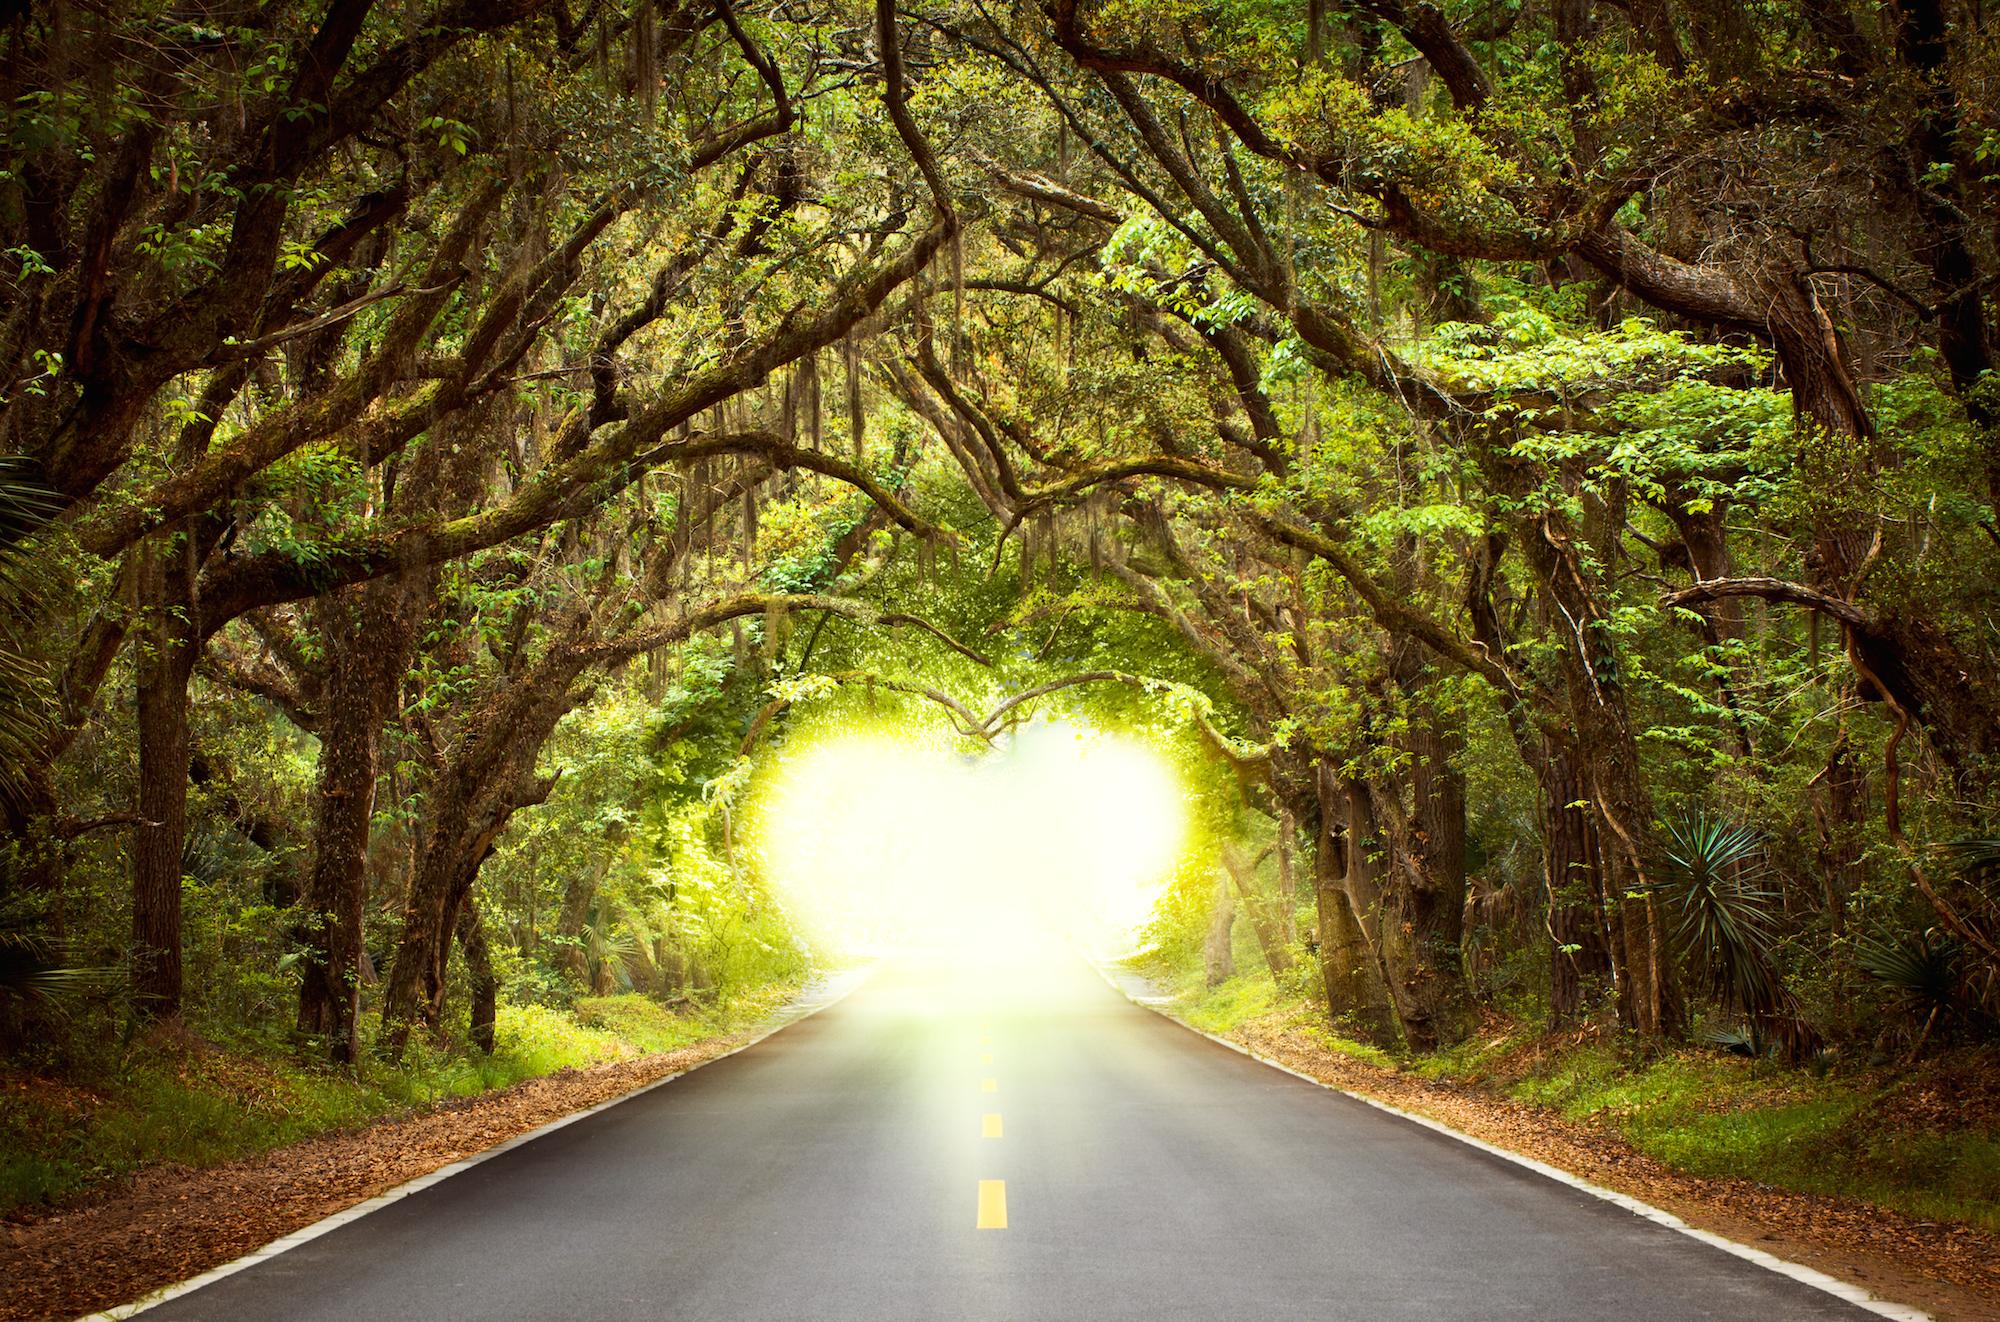 Take a breathtaking drive along Tallahasseeu0027s scenic canopy roads. & Take a breathtaking drive along Tallahasseeu0027s scenic canopy roads ...